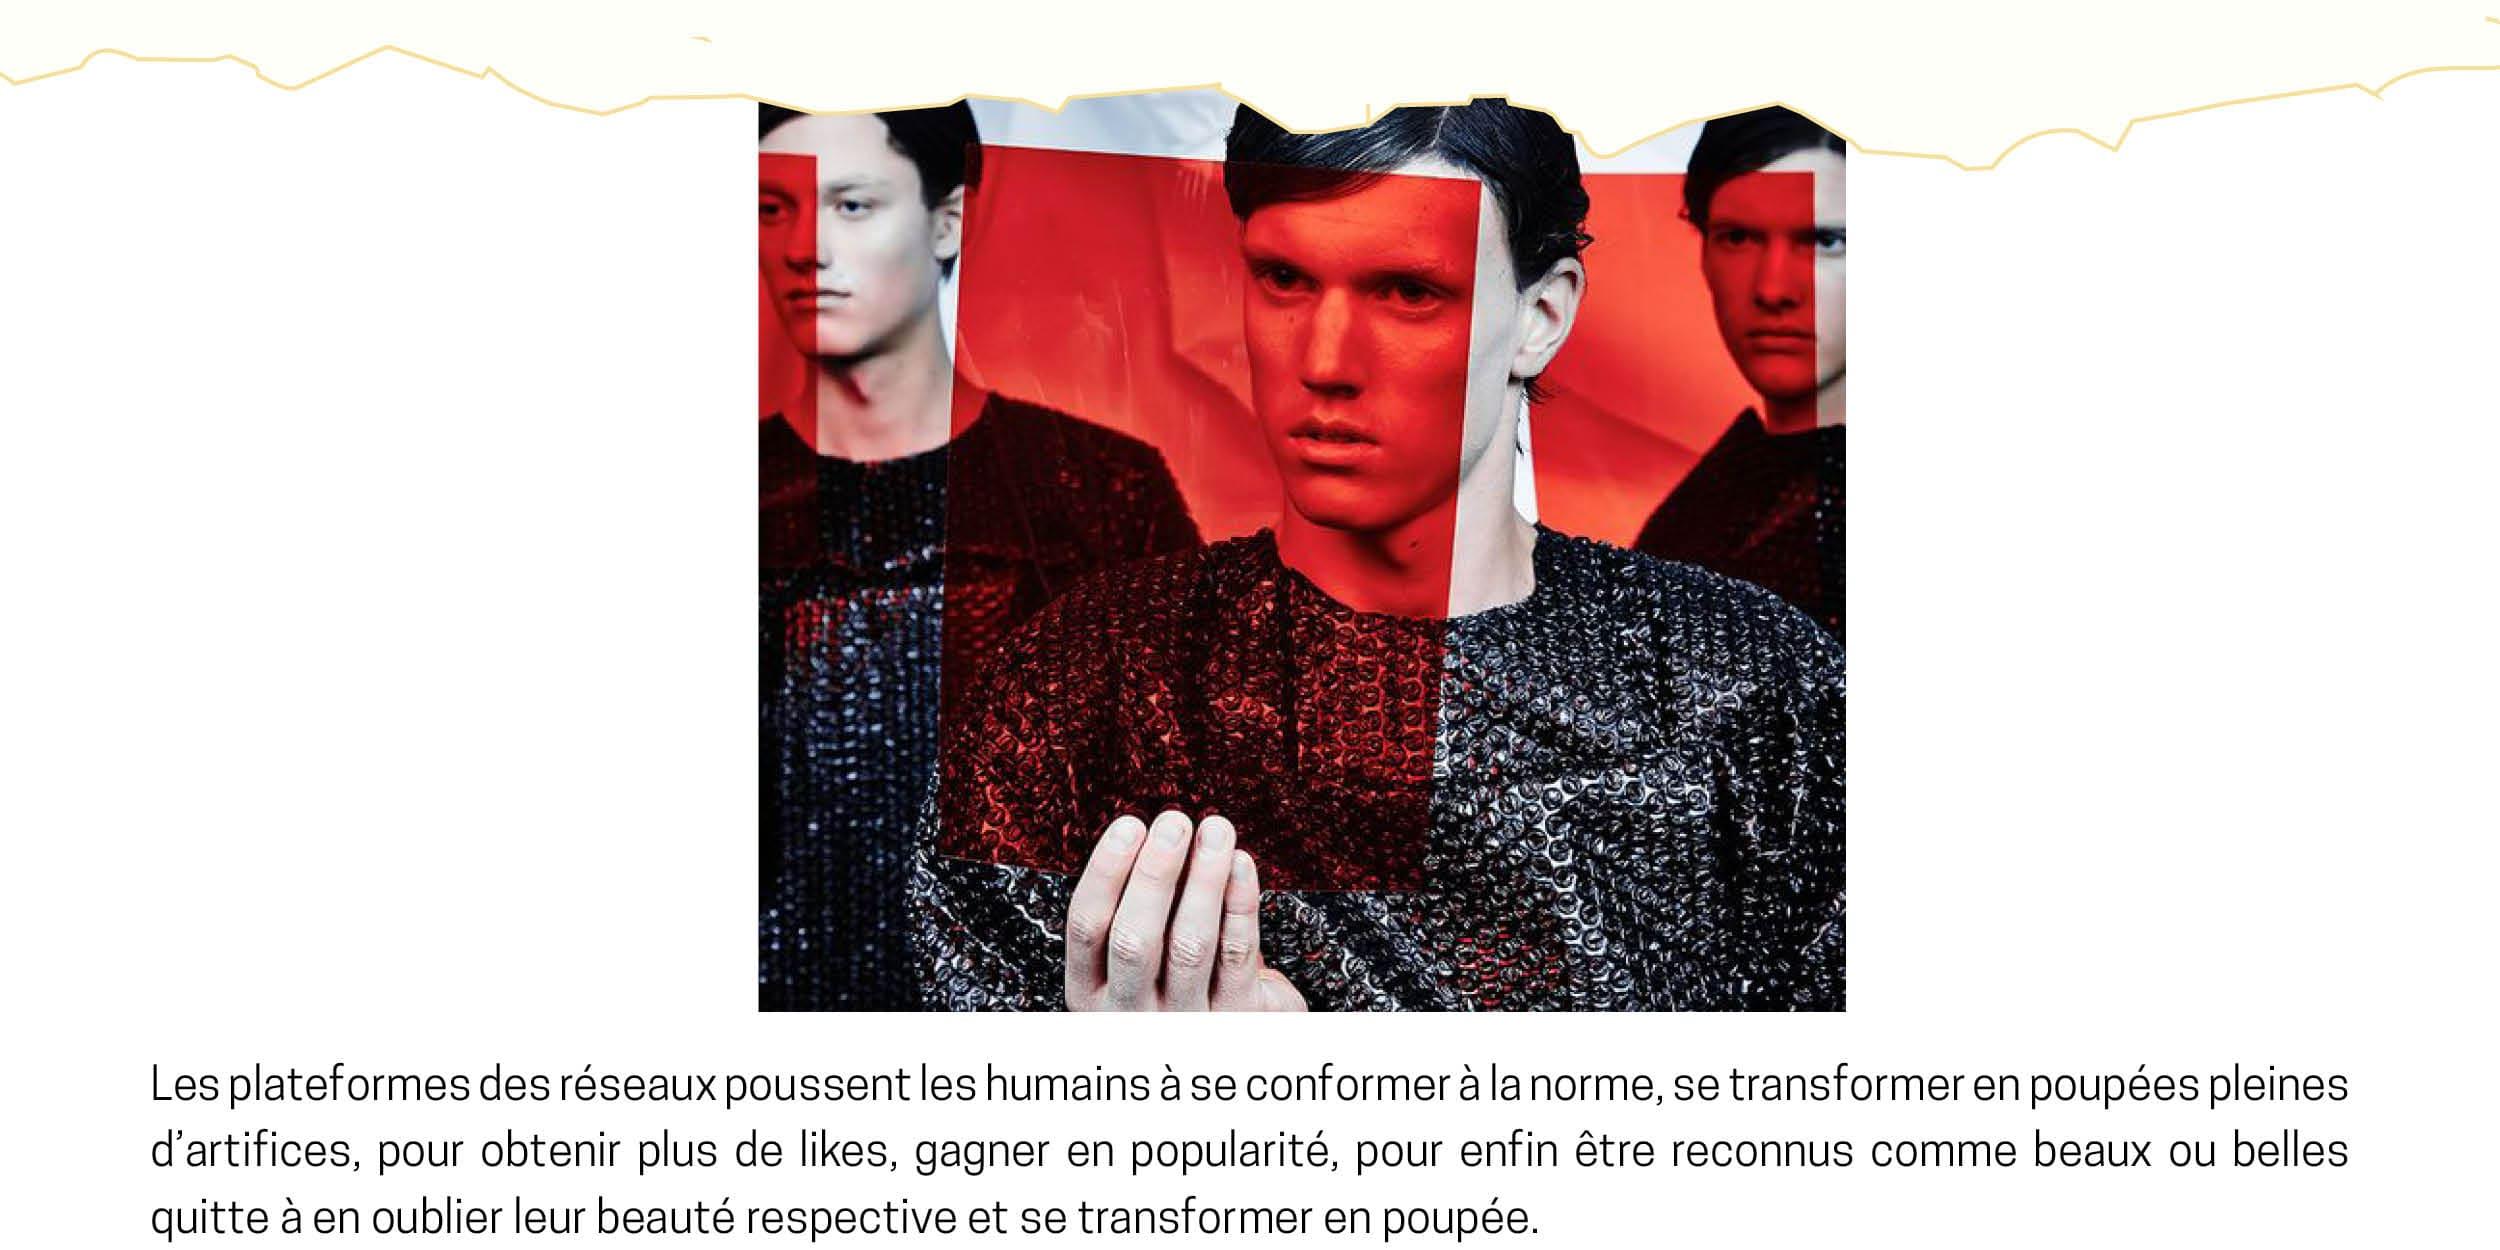 la-boite-d-allumettes-we-are-made-of-share-campagne-campaign-credit-martin-cirulis-page